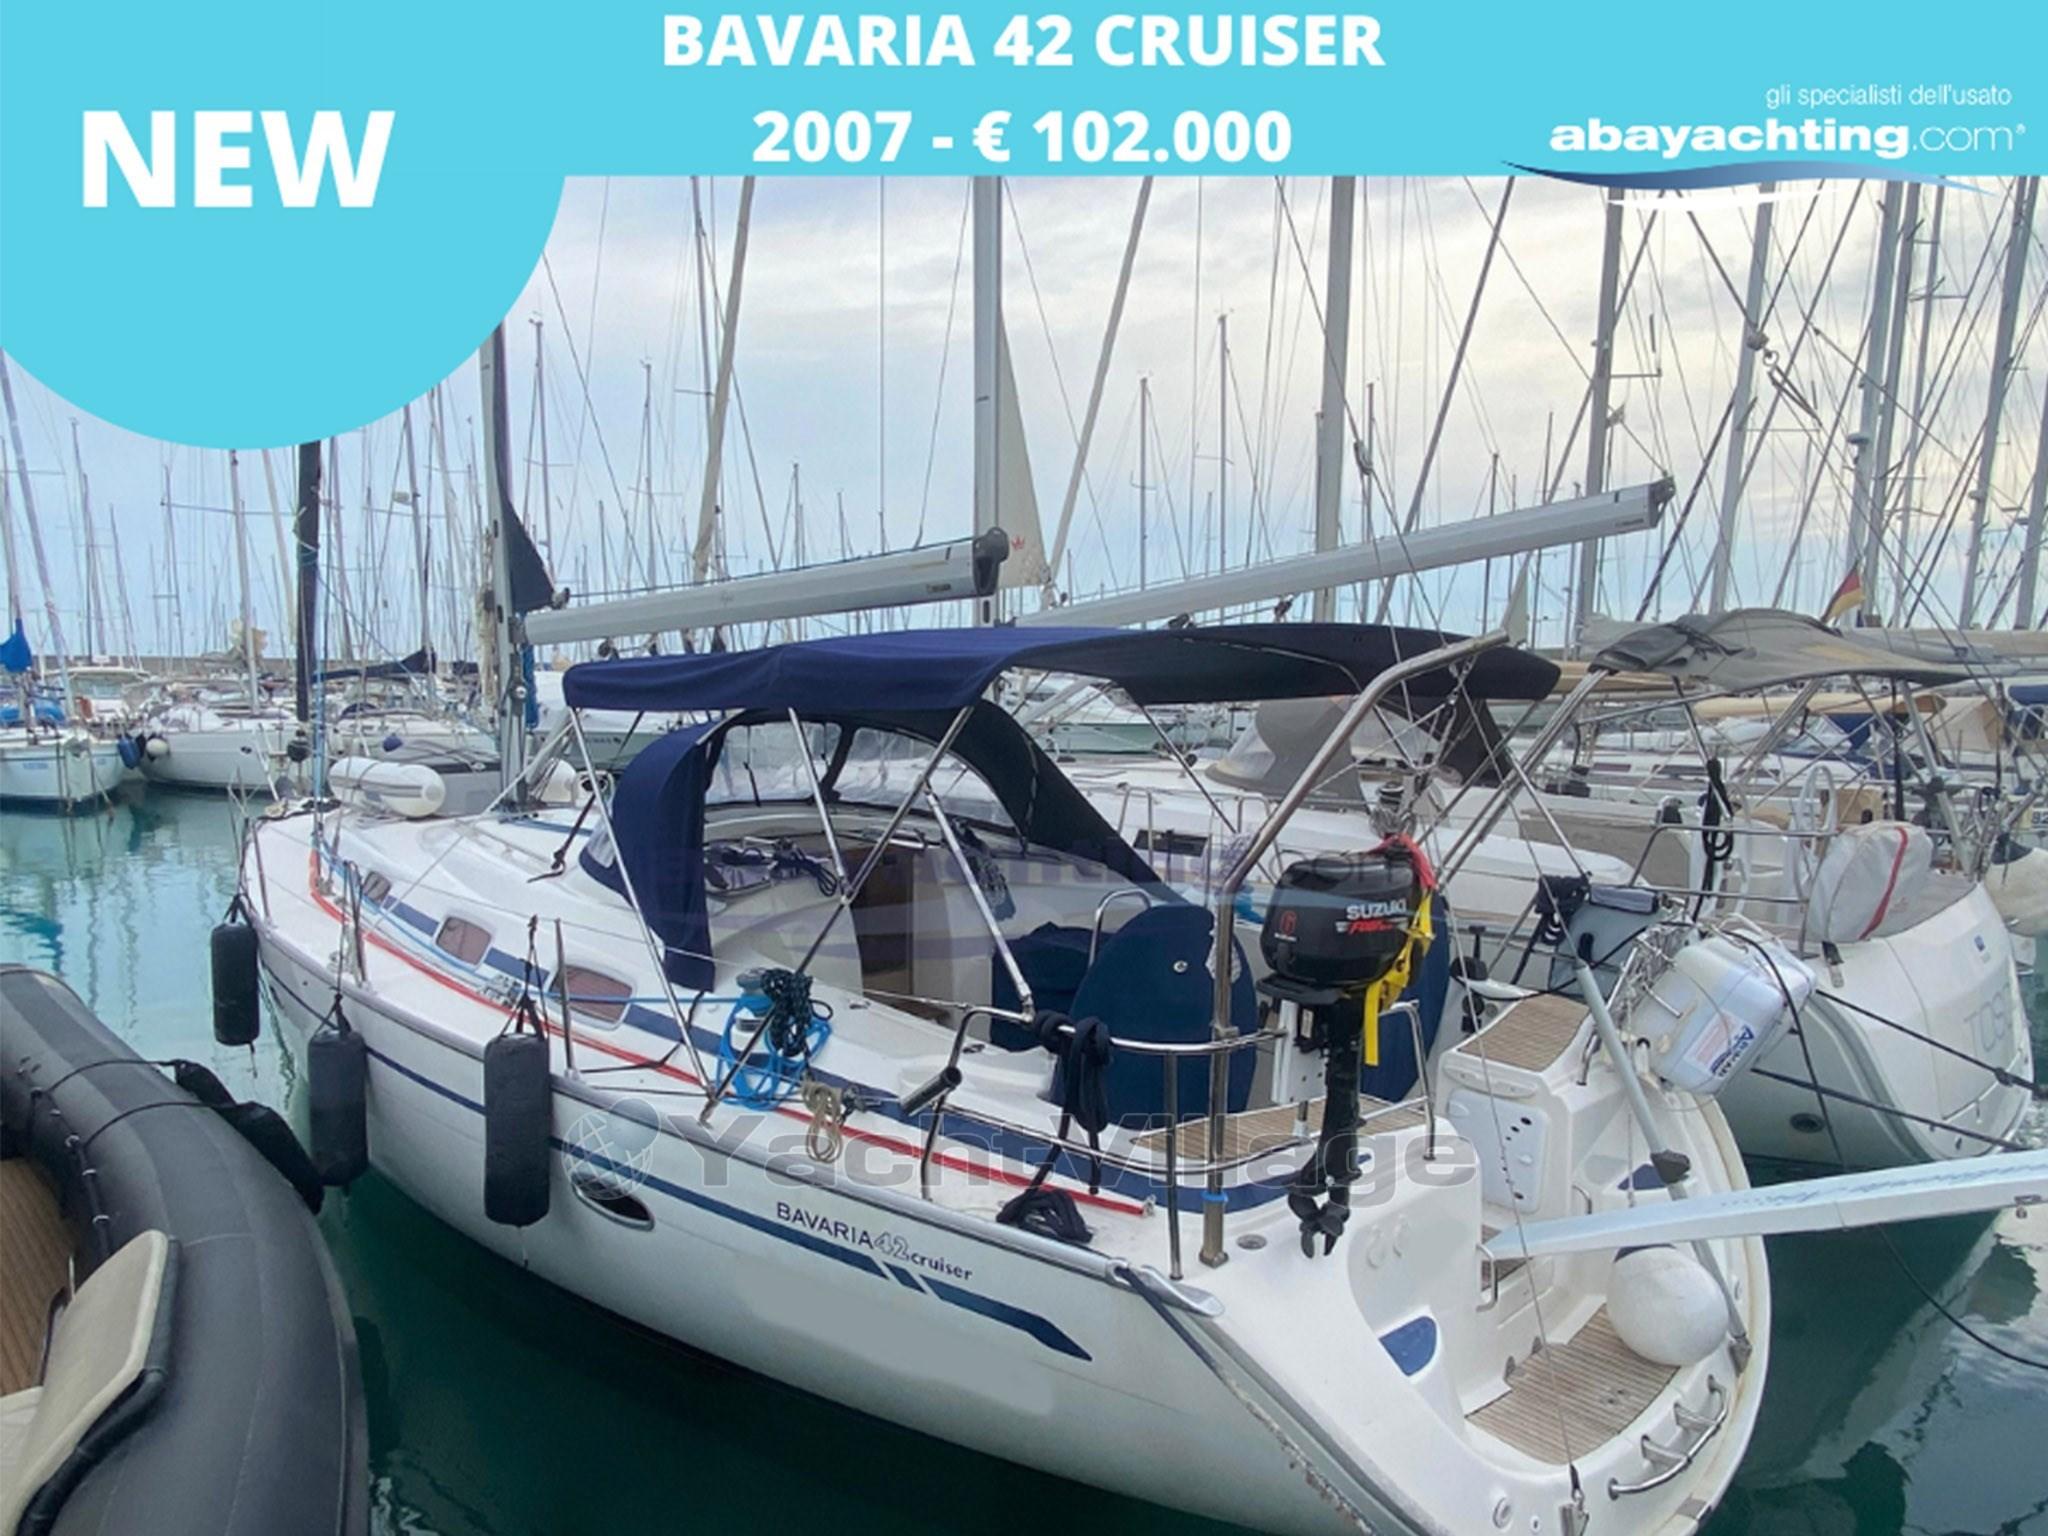 Abayachting Nuovo arrivo Bavaria 42 Cruiser